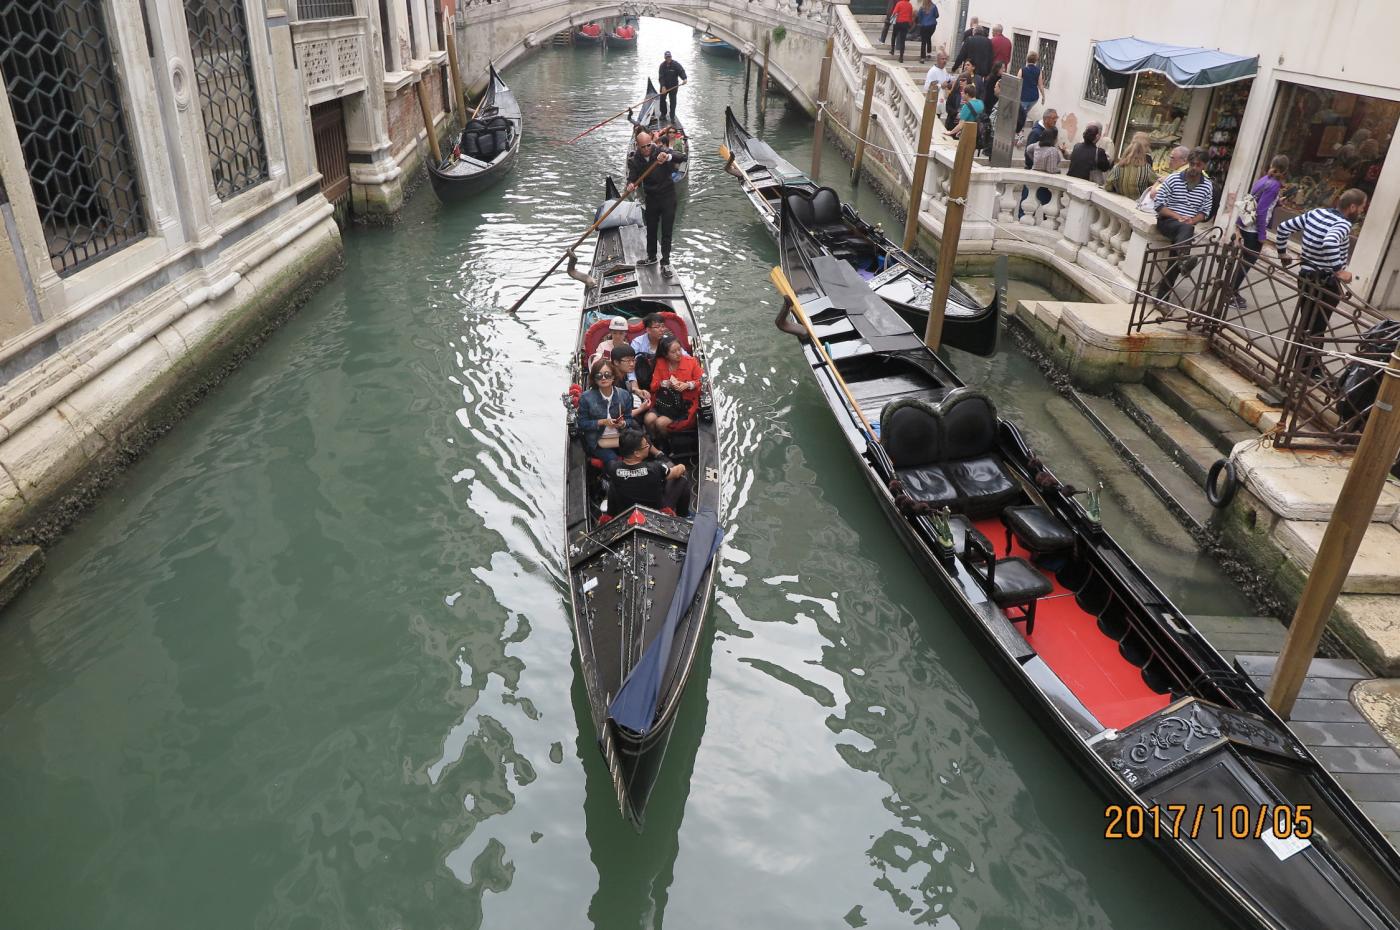 水乡威尼斯:无限的魅力永久的回忆_图1-38